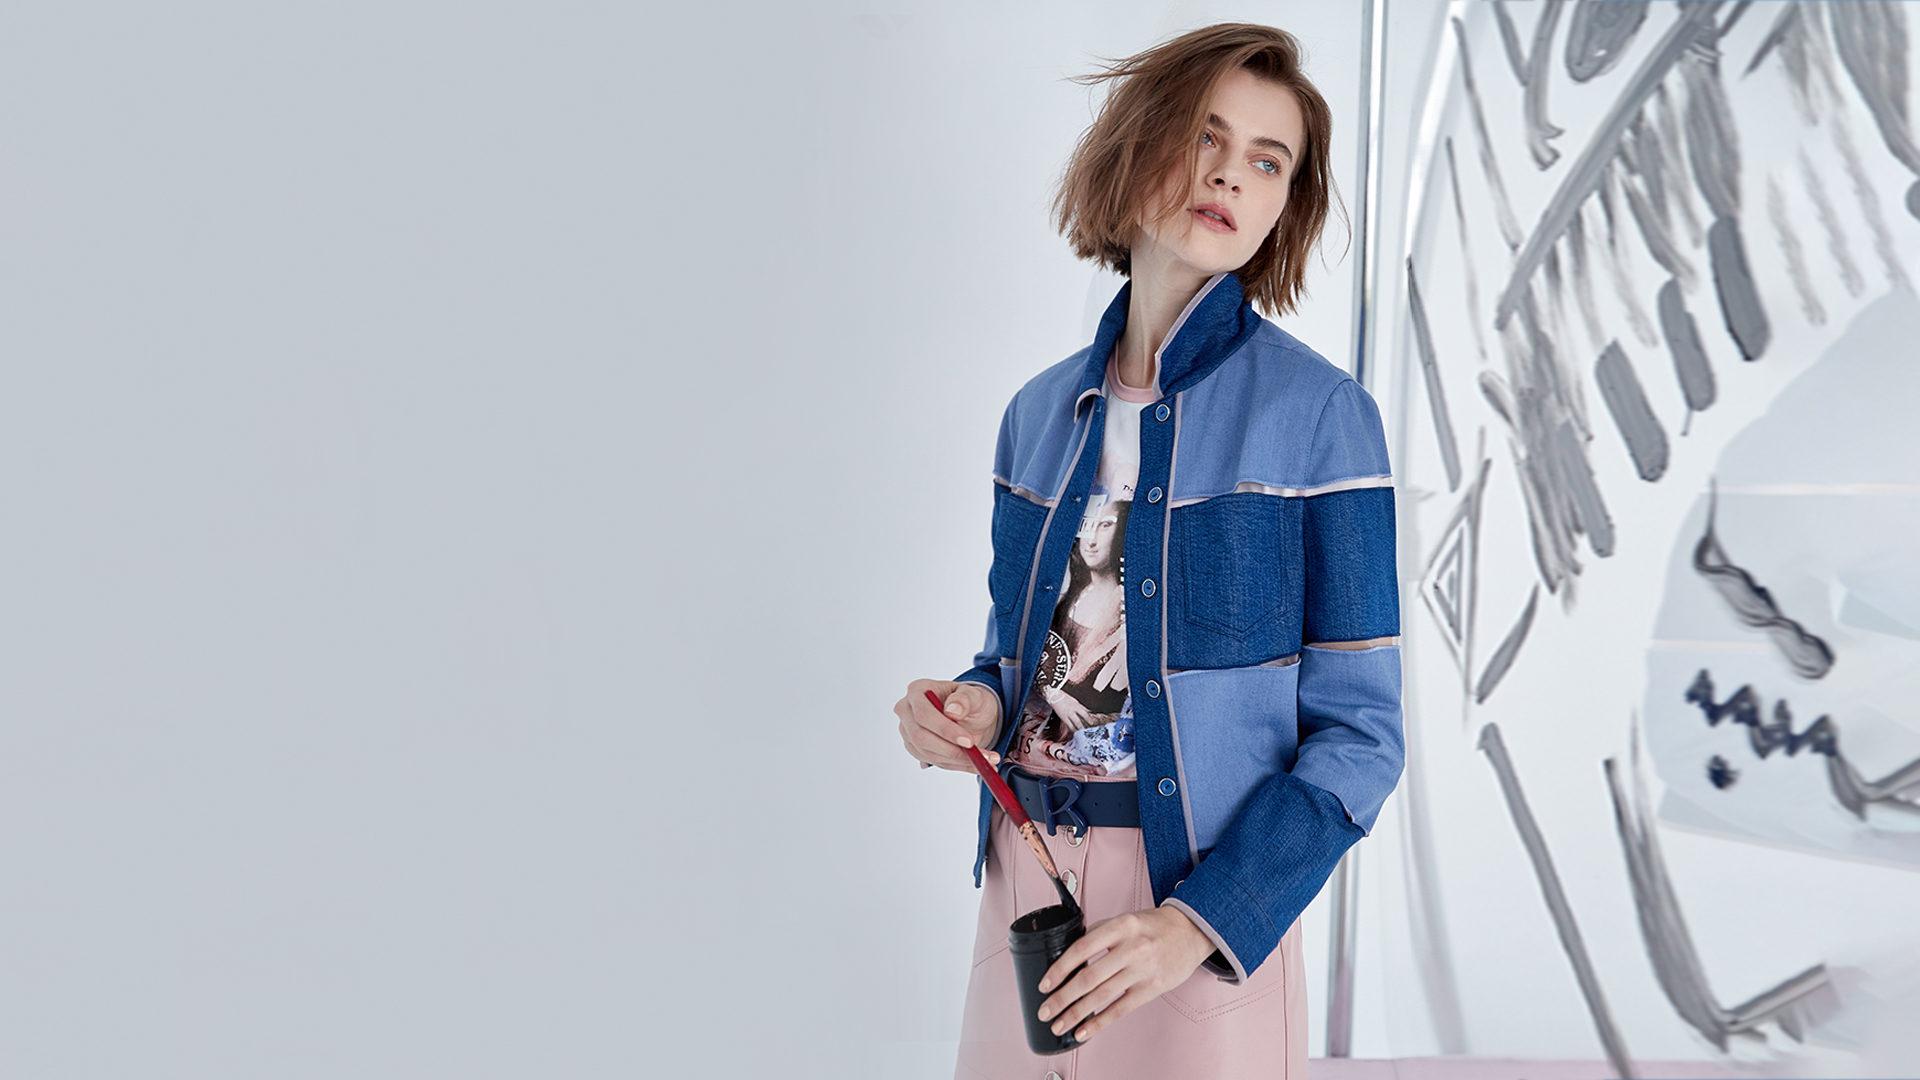 2021牛仔外套搭配推薦 女生都愛的顯瘦穿搭,不藏私百搭教學看這邊!